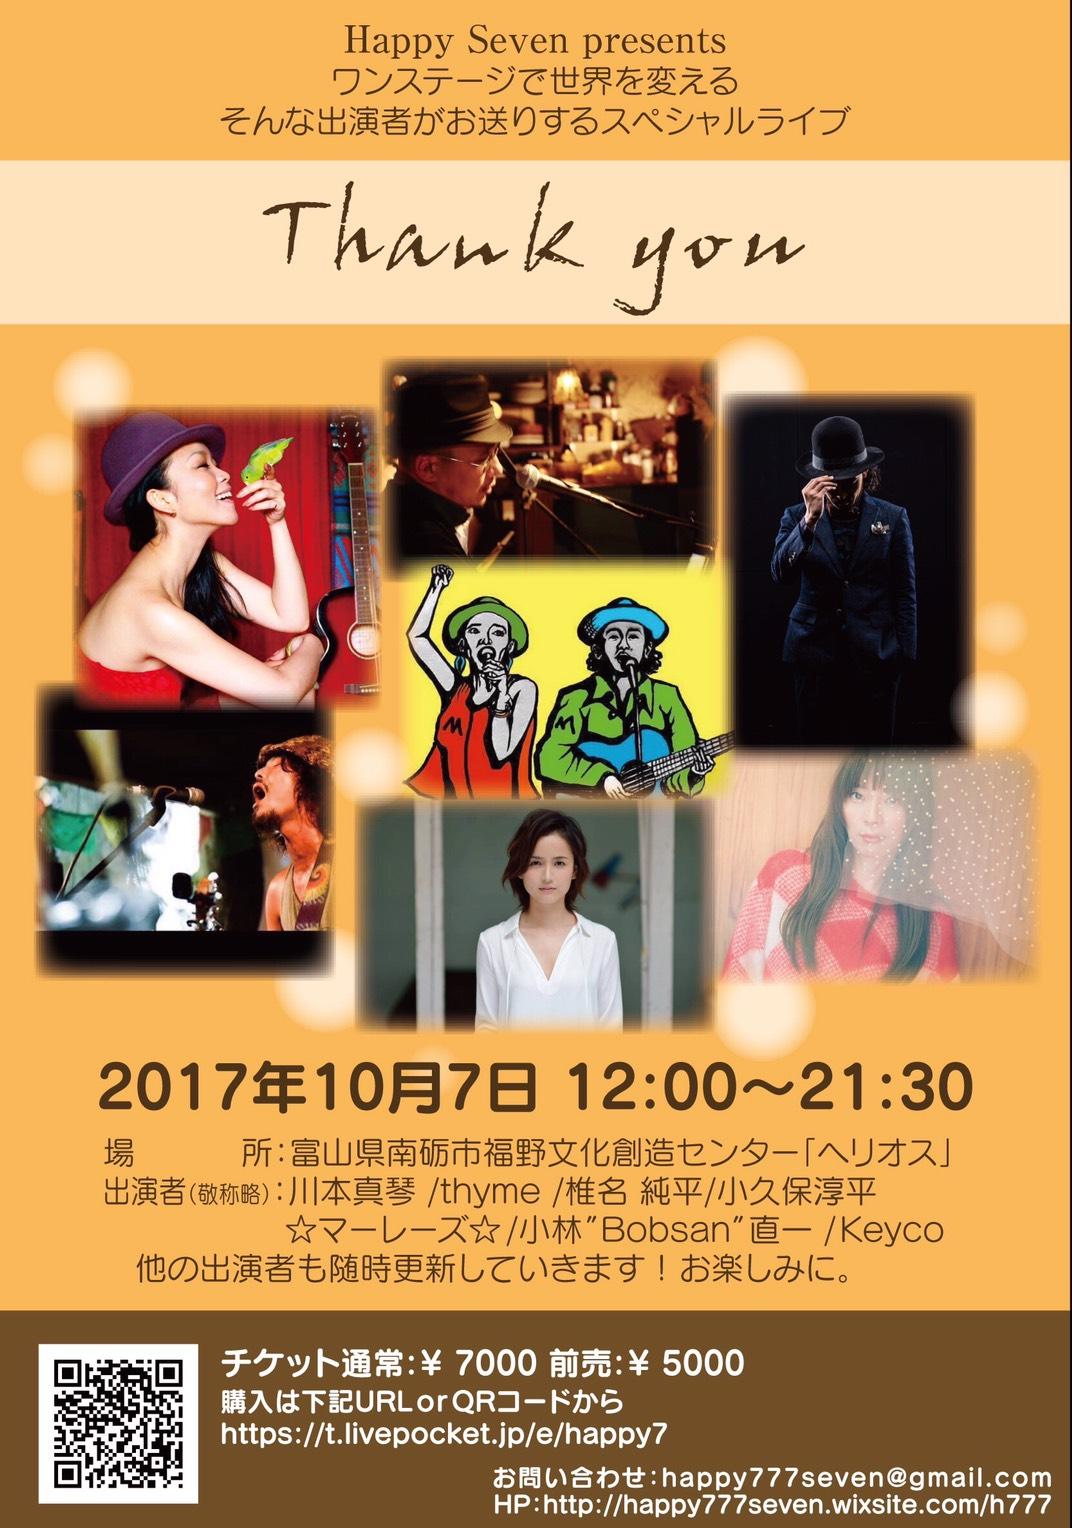 富山県南砺市 Happy Seven presents ワンステージで世界を変えるそんな出演者がお送りするスペシャルライブ 「Thank you (仮) 」